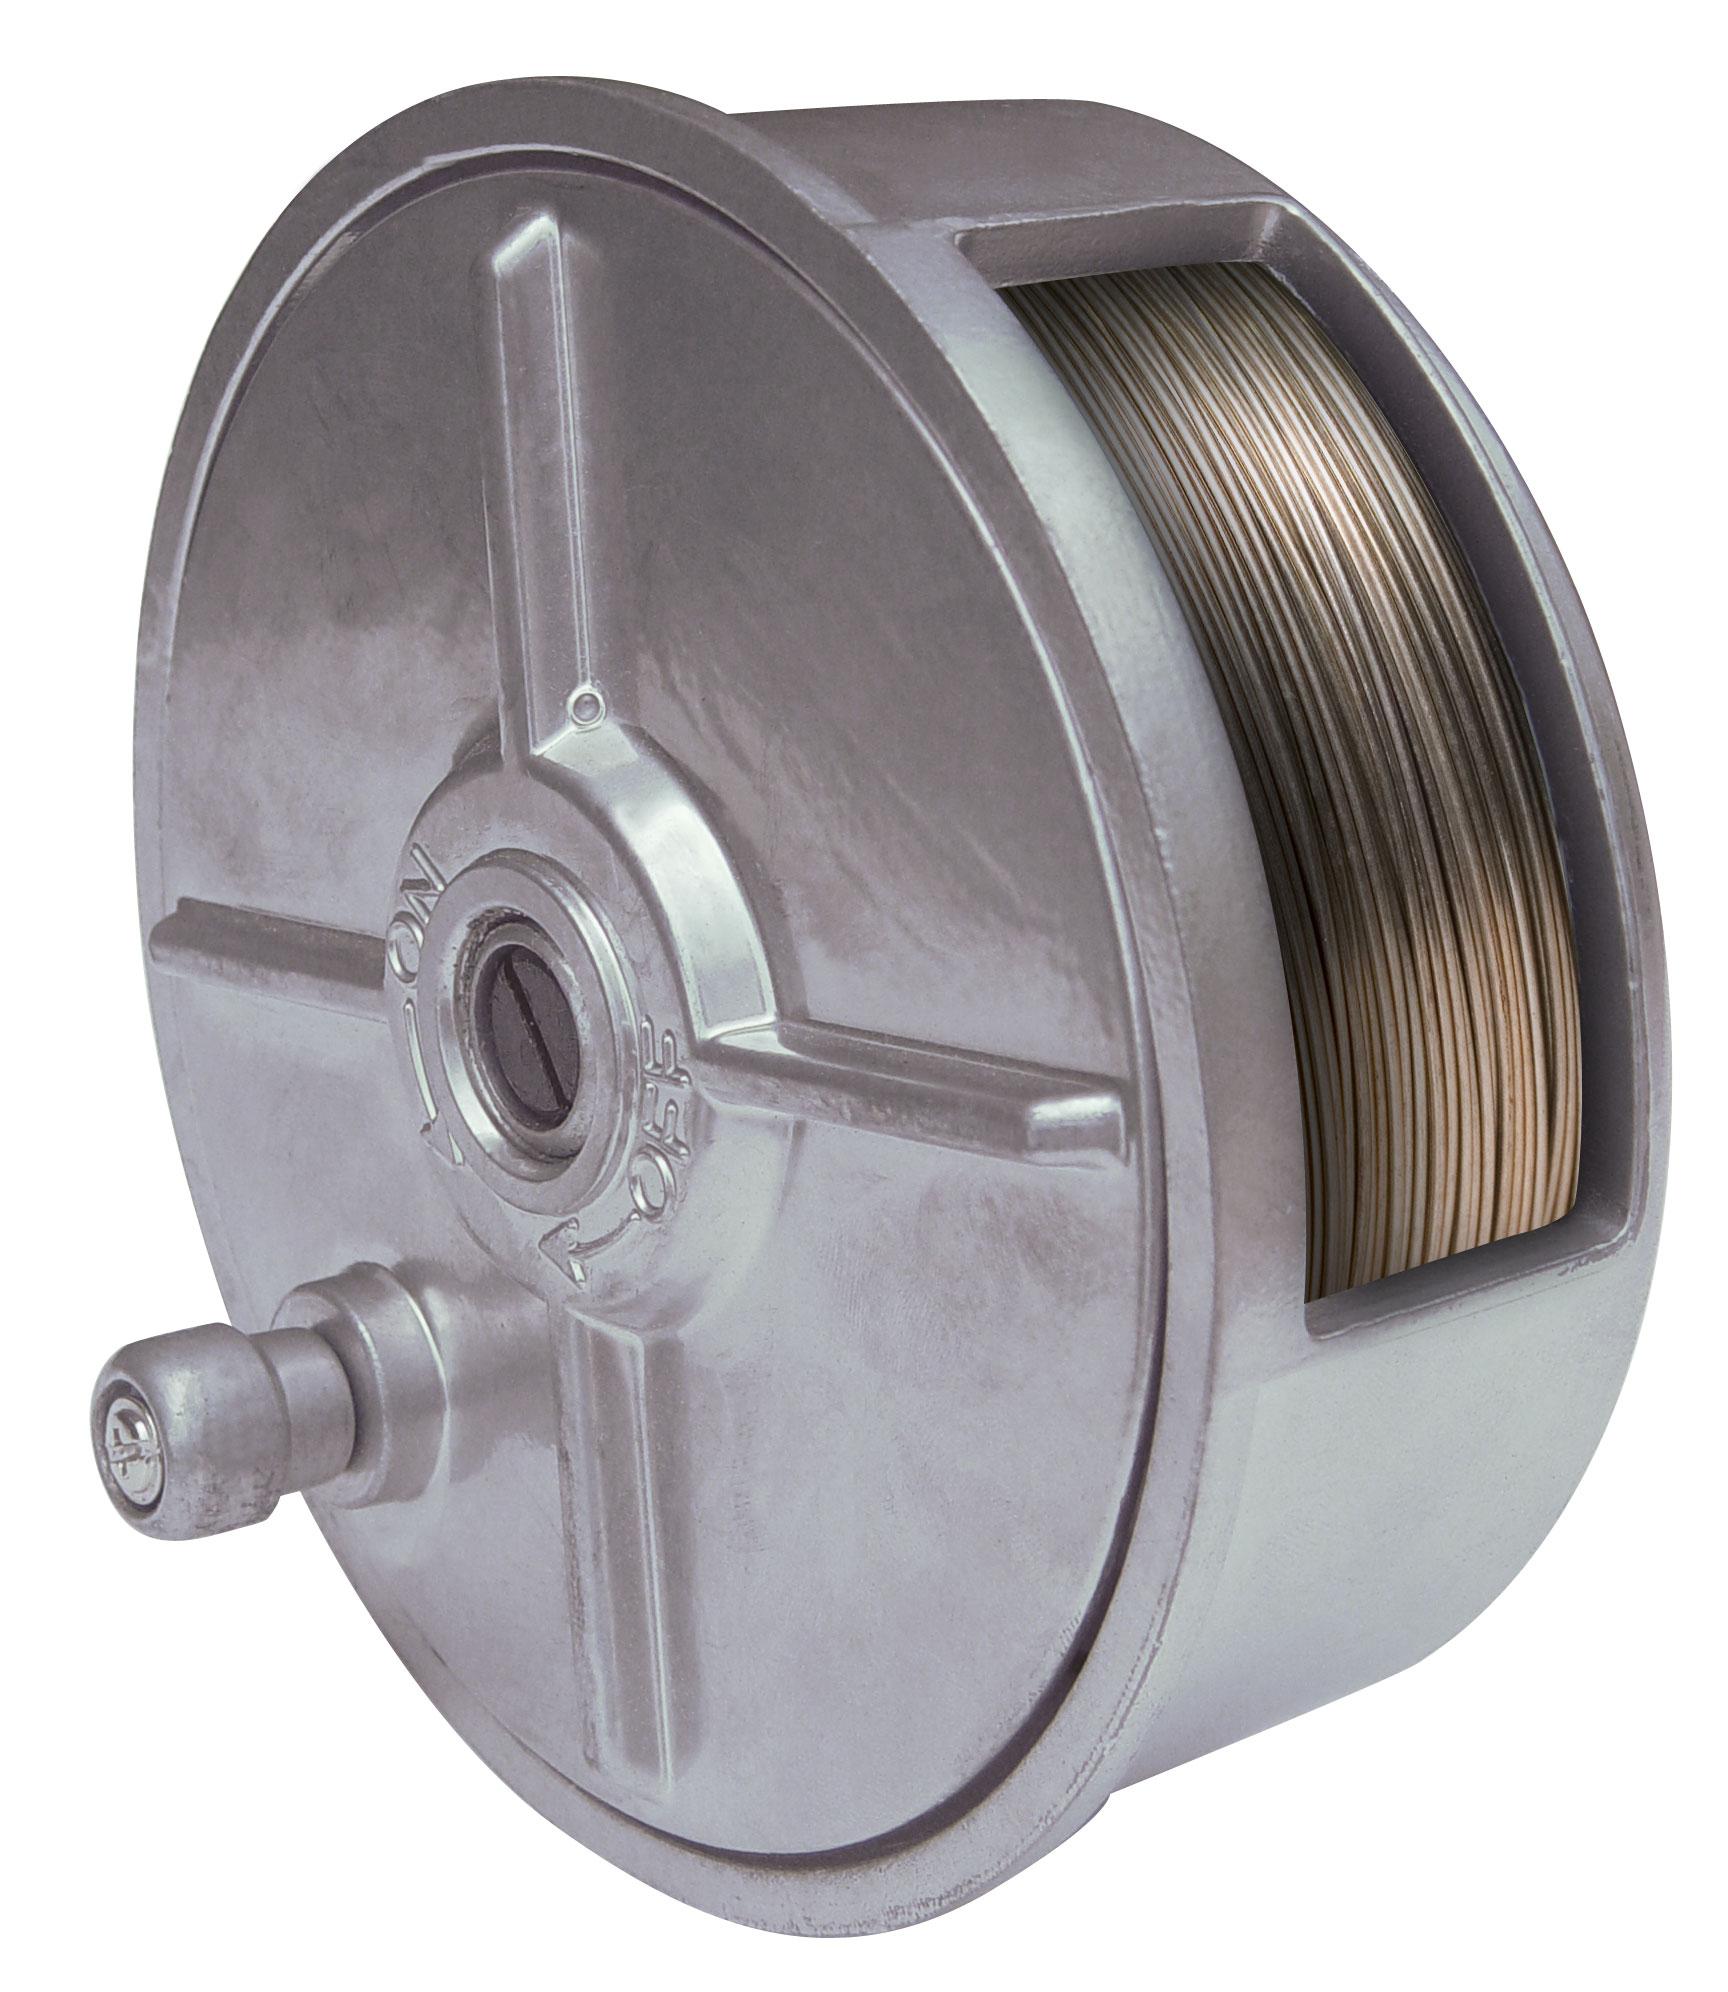 Metal Tie Wire Reel | Acorn International